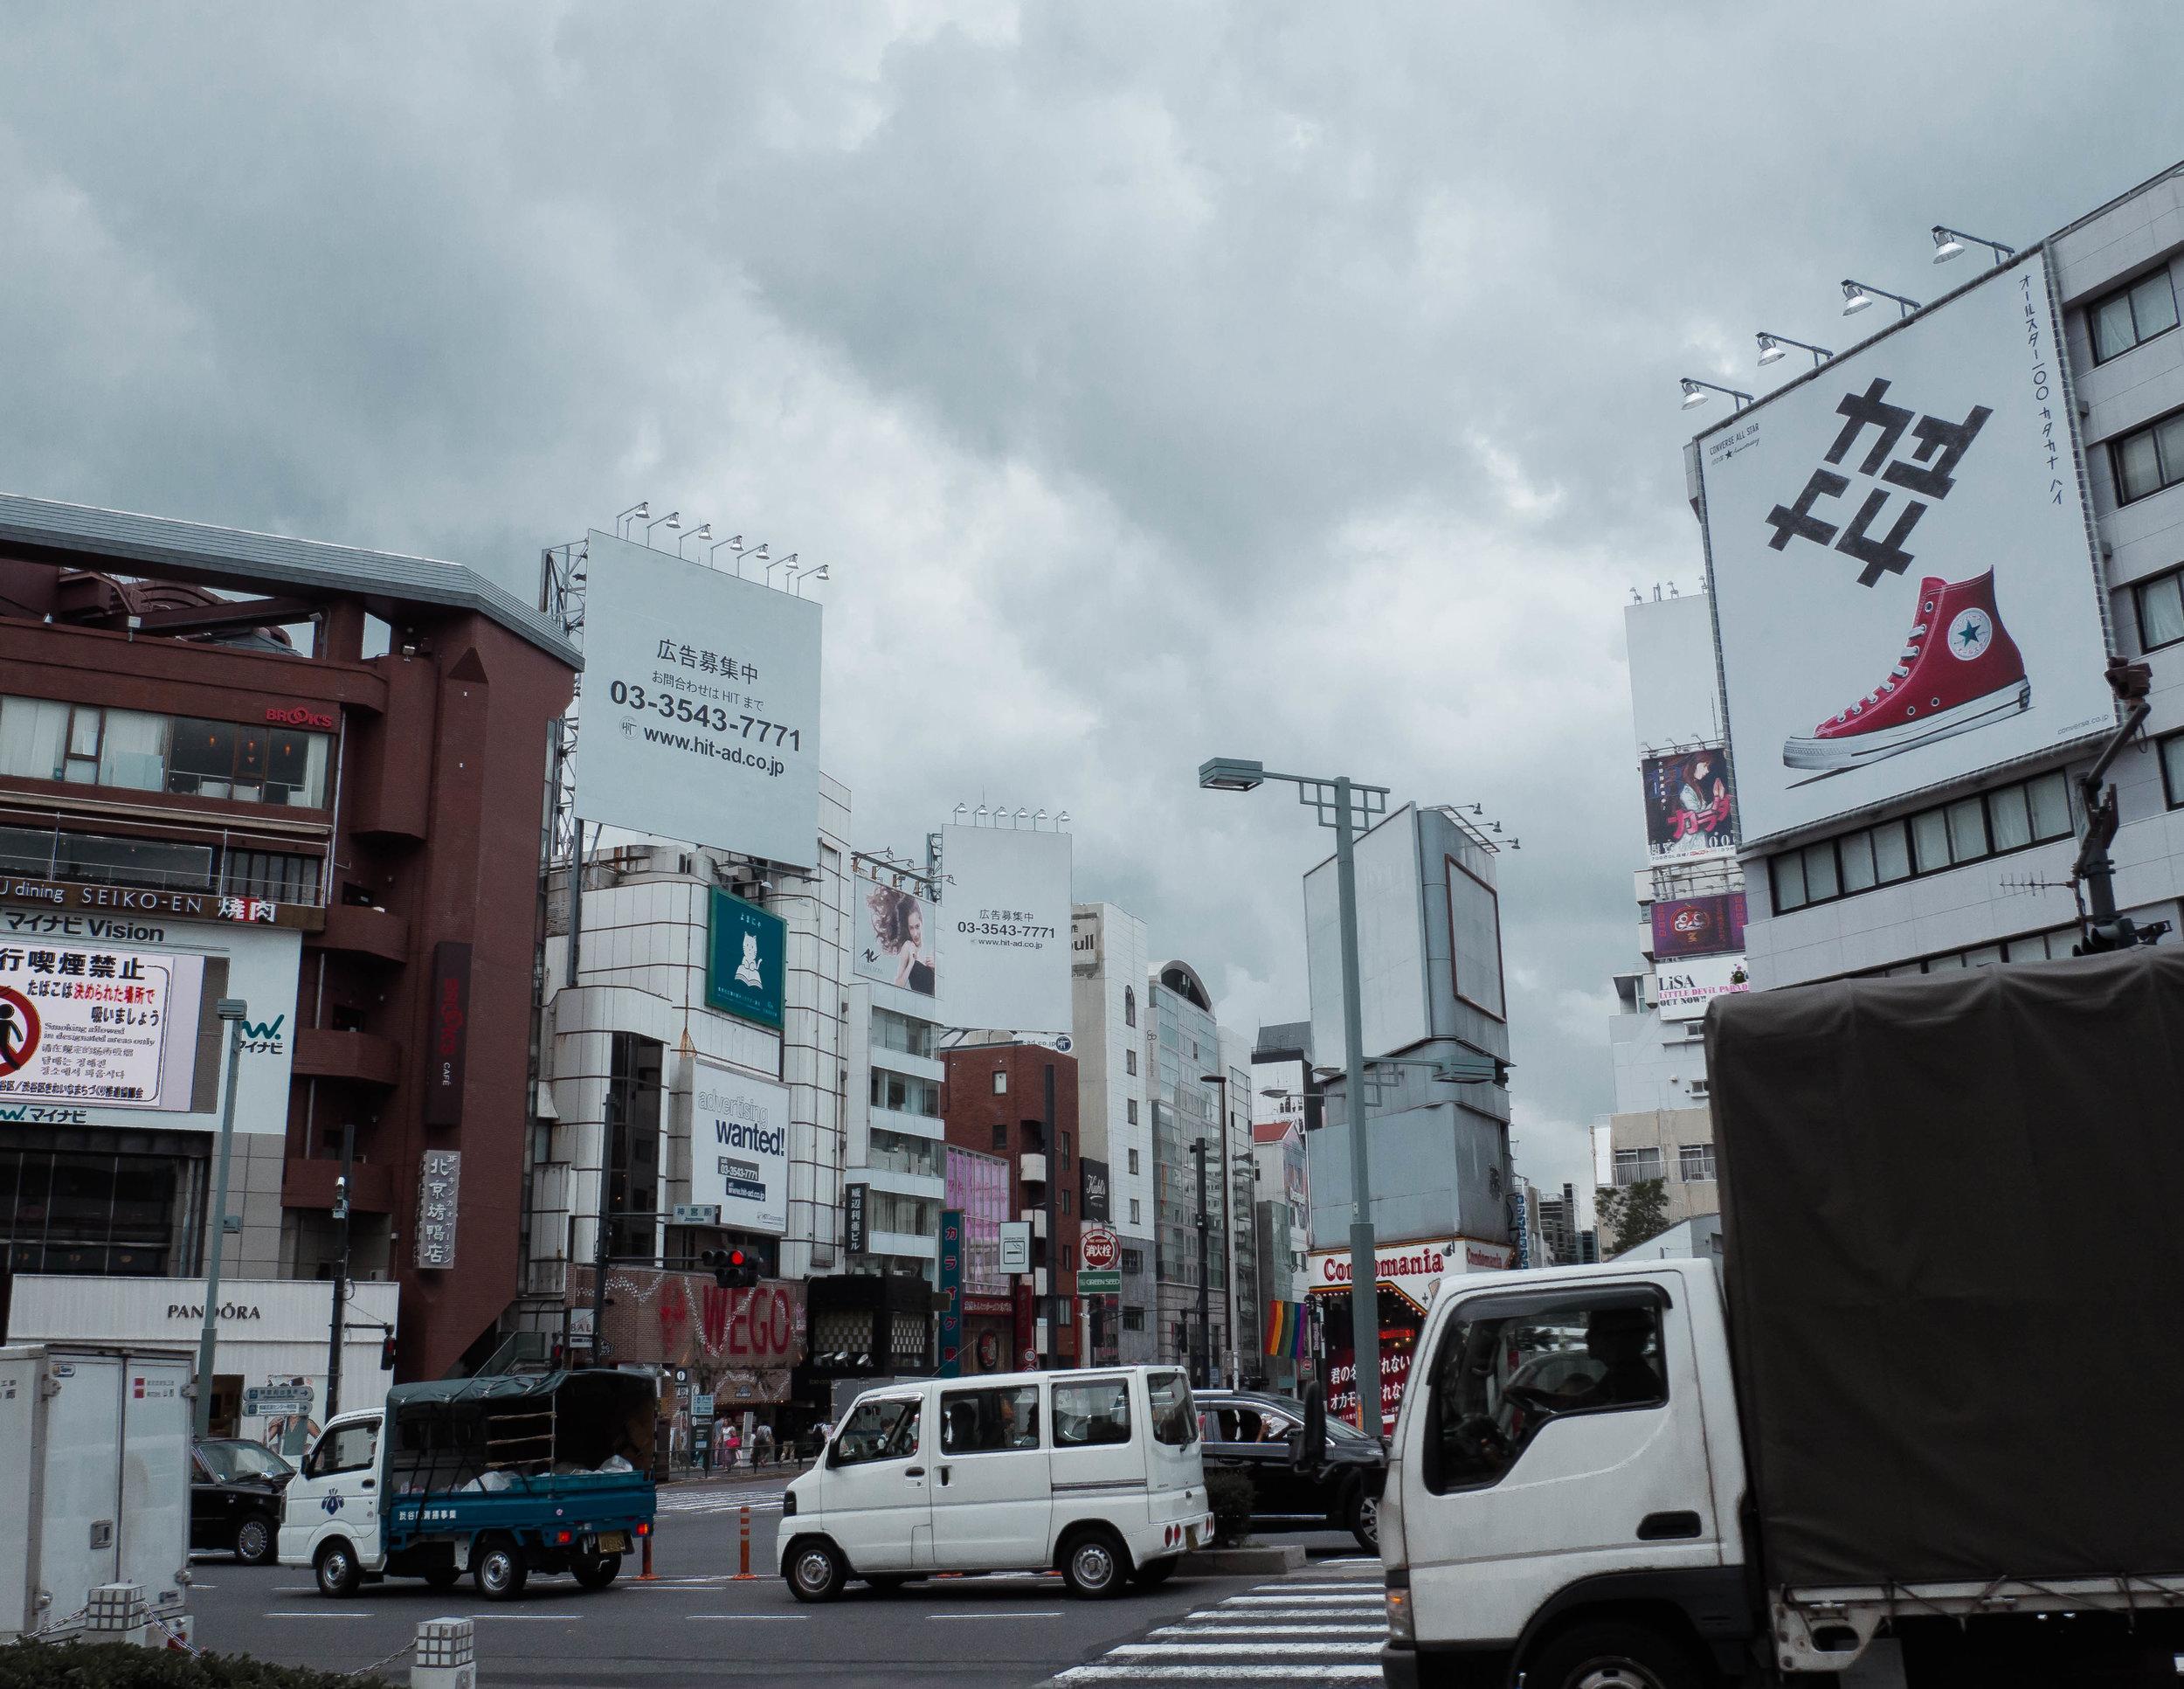 Shibuya & Harajuku - What to do, where to go, and what to eat.